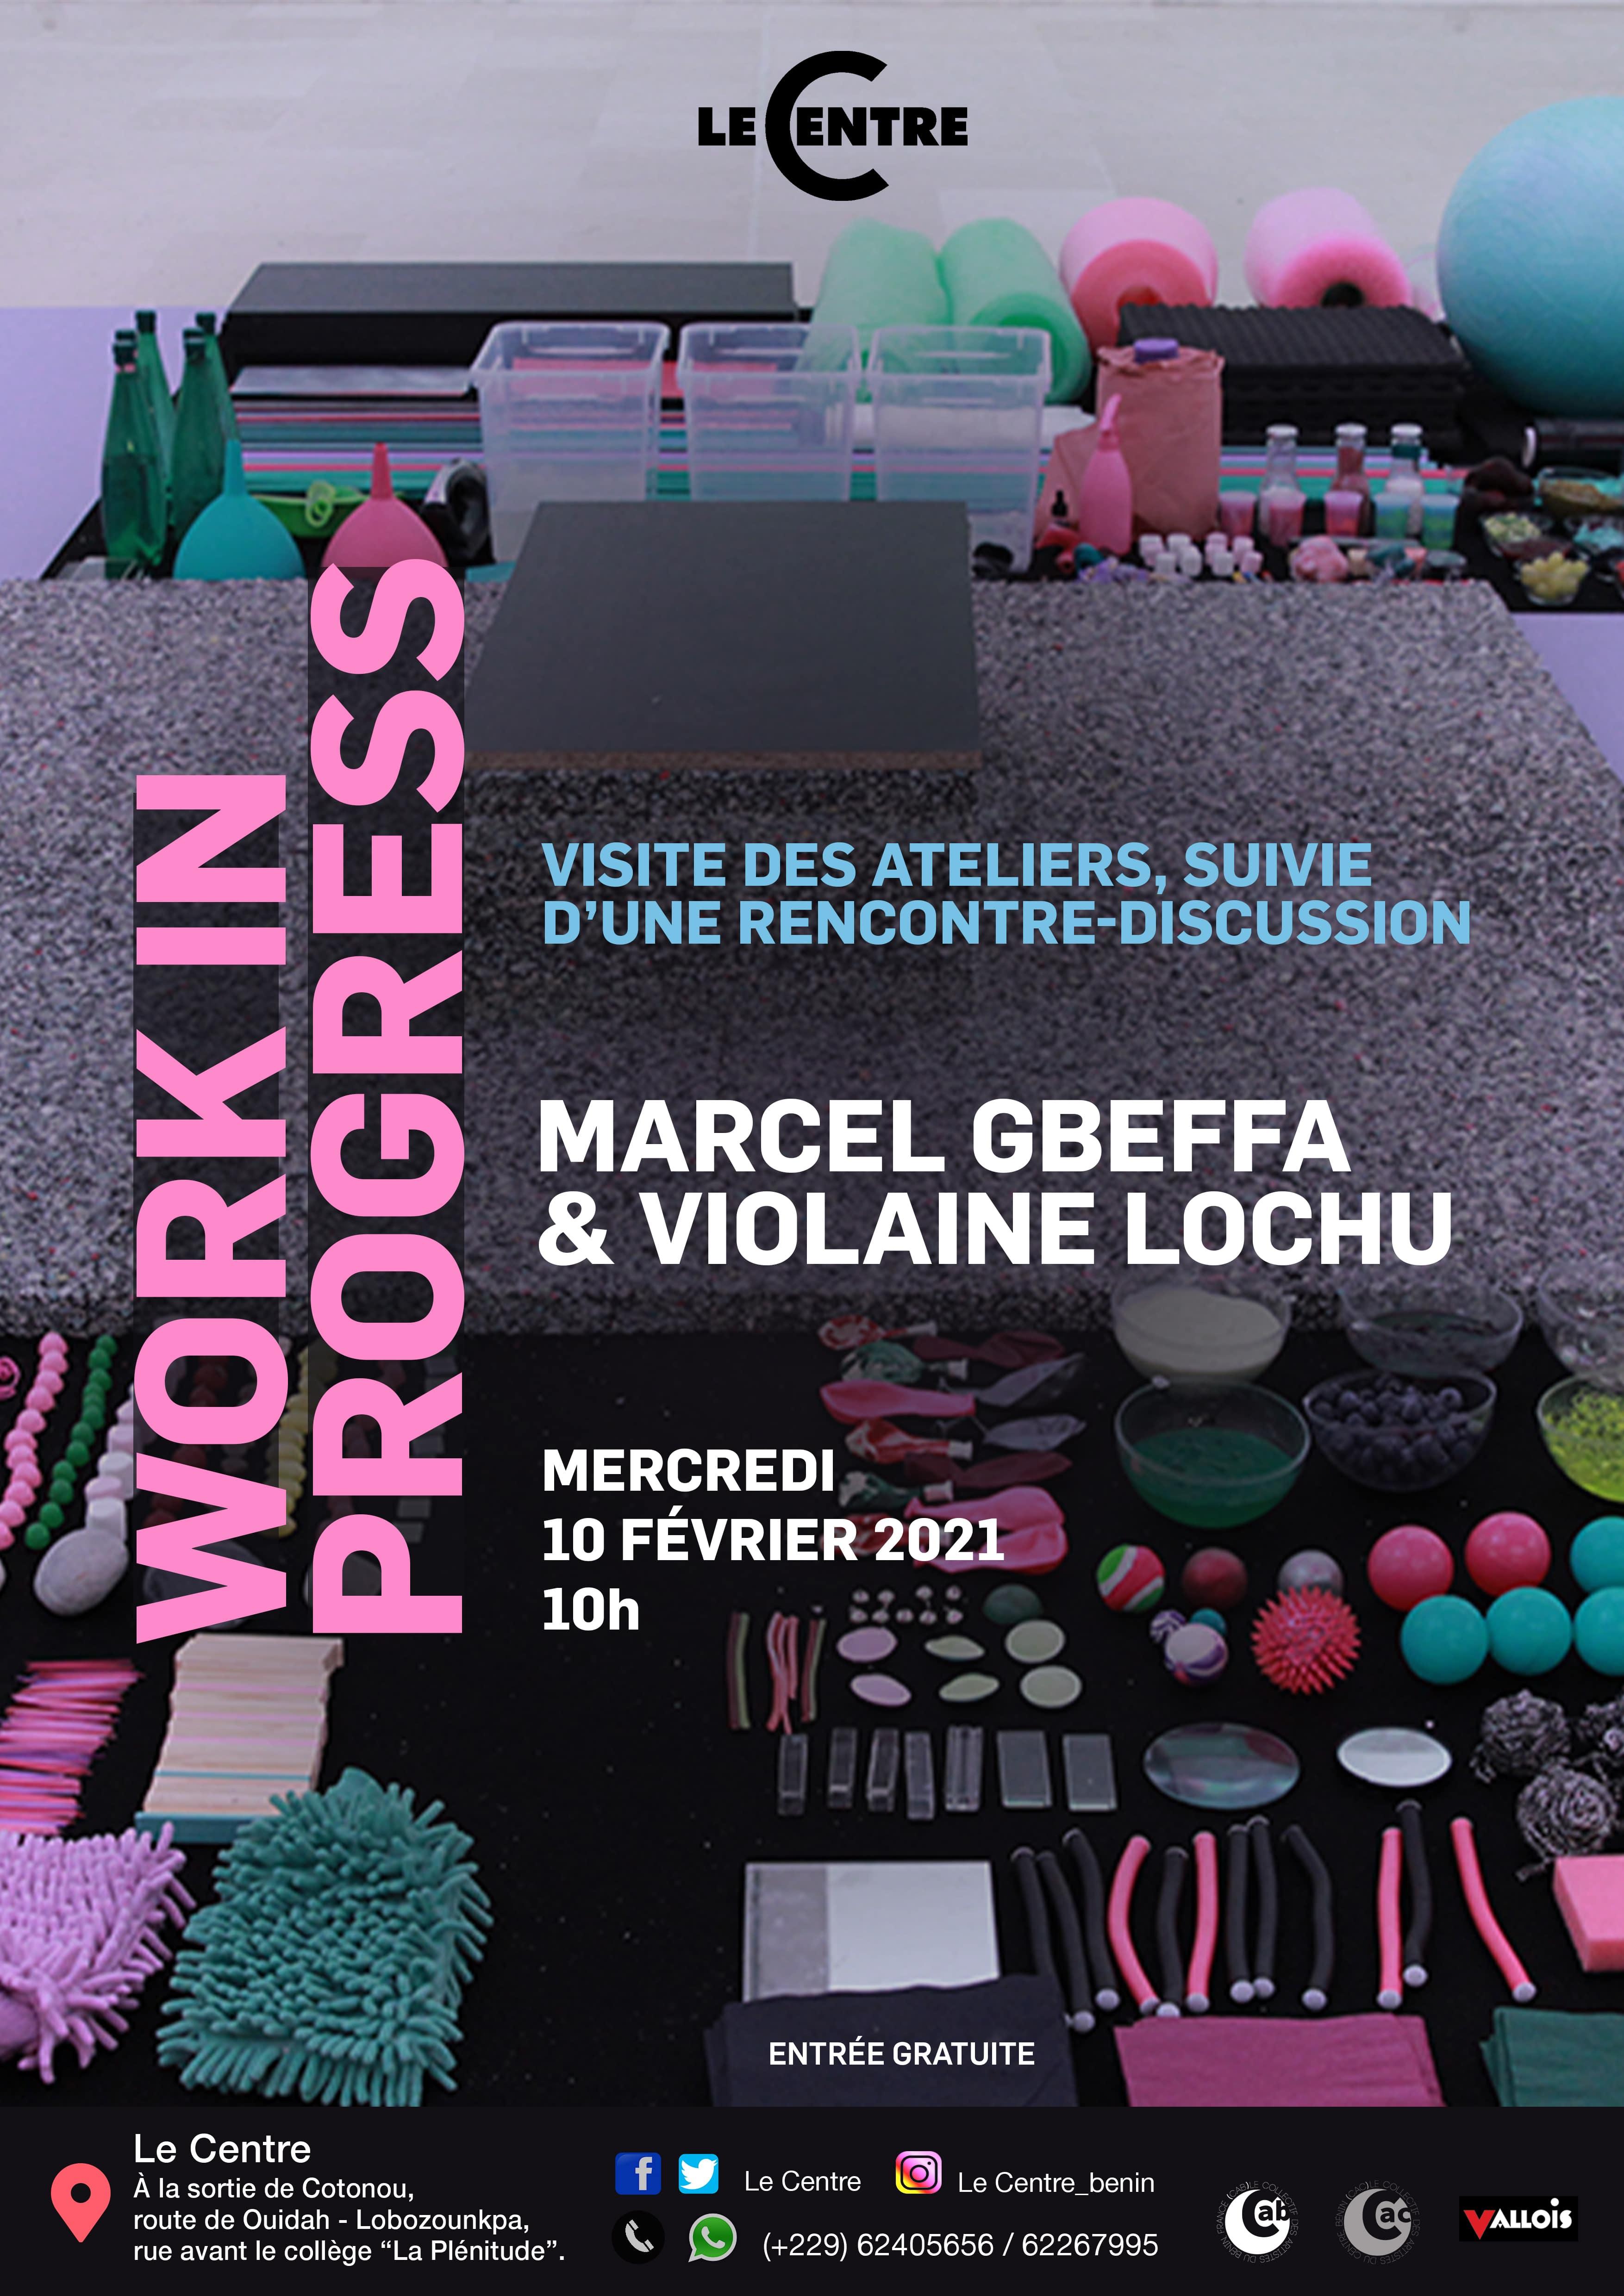 Work in progress, Marcel Gbeffa & Violaine Lochu